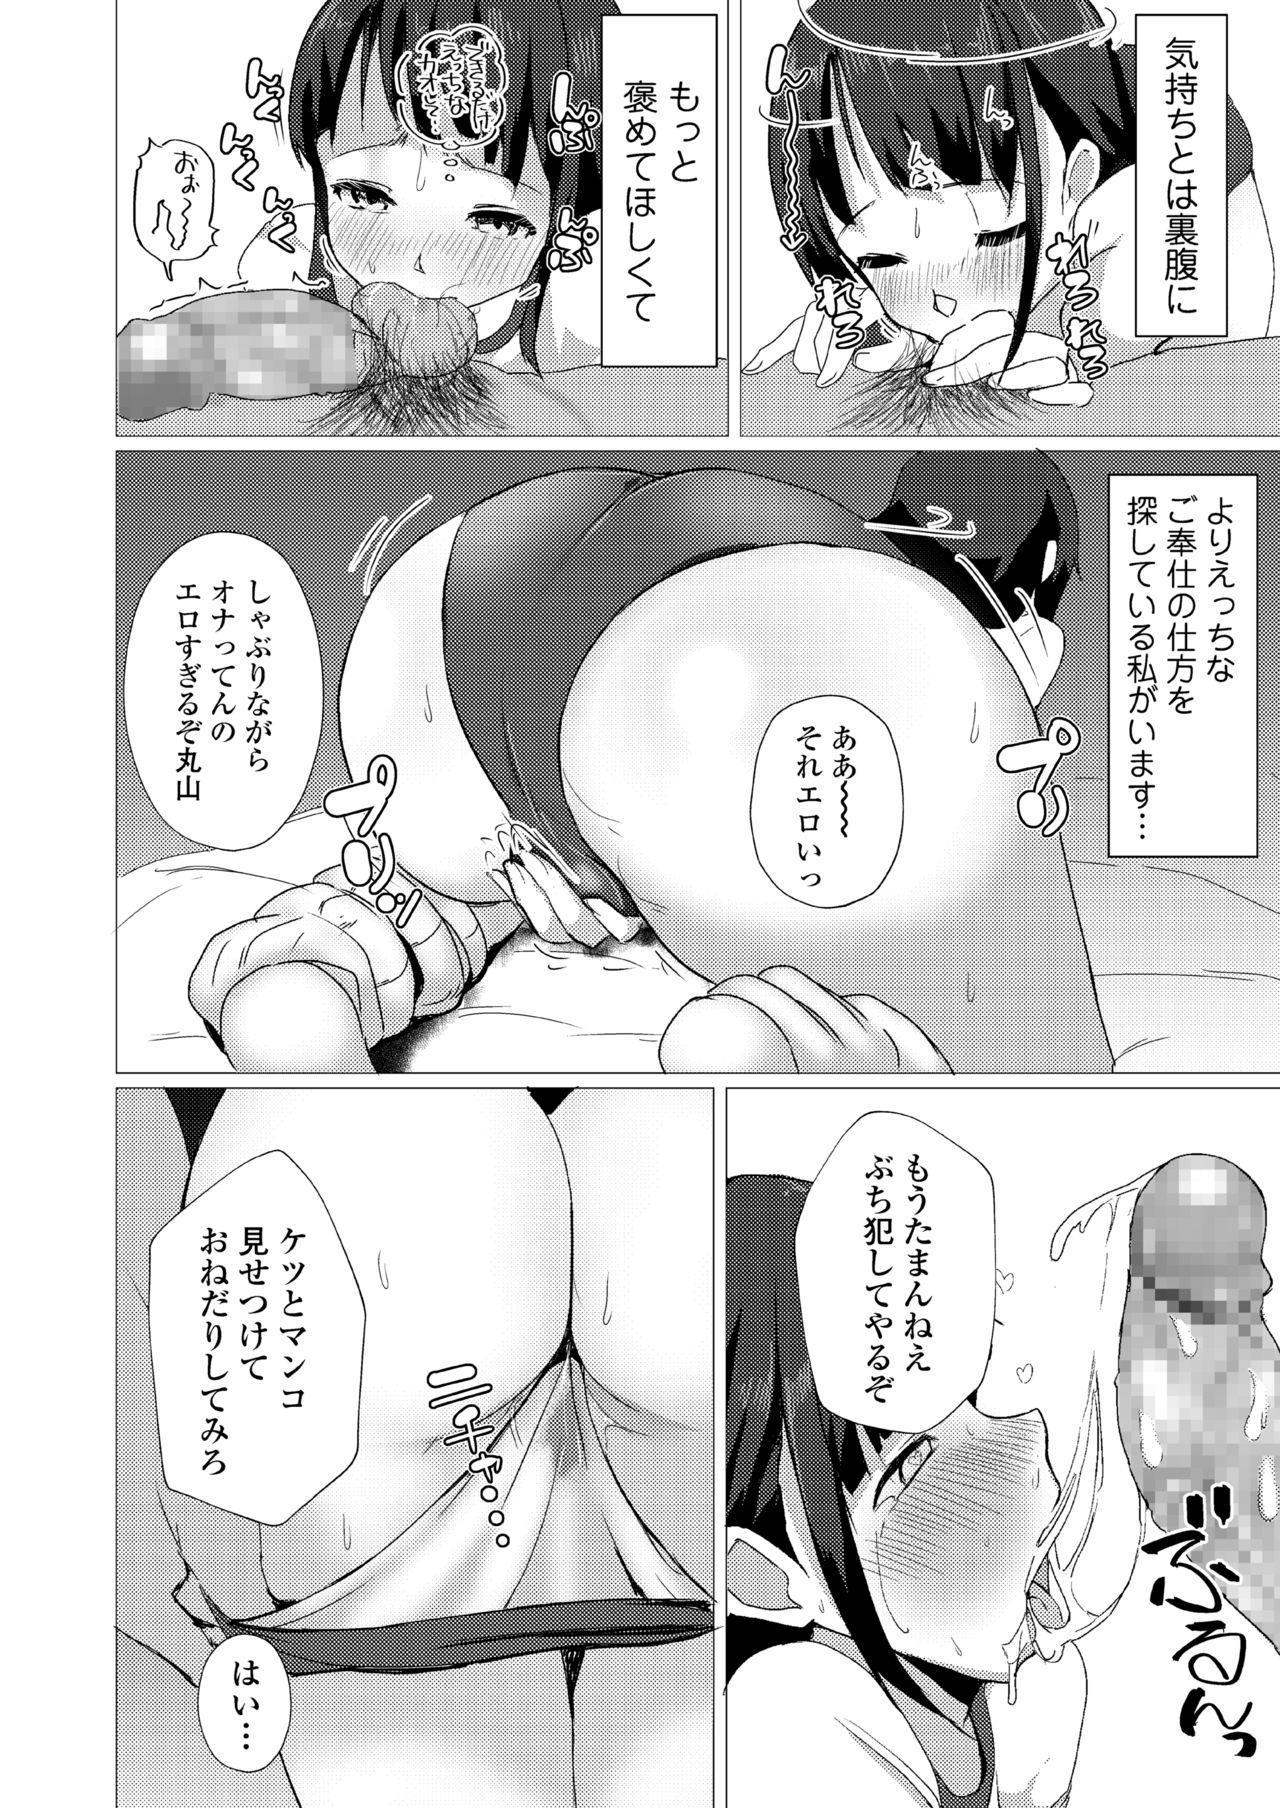 Kotowarenai Musume Ecchi na Karada de Oshiniyowai Seiyuu Shibou no Ko ga Free Sex Gakuen ni Nyuugaku Shichattara 19